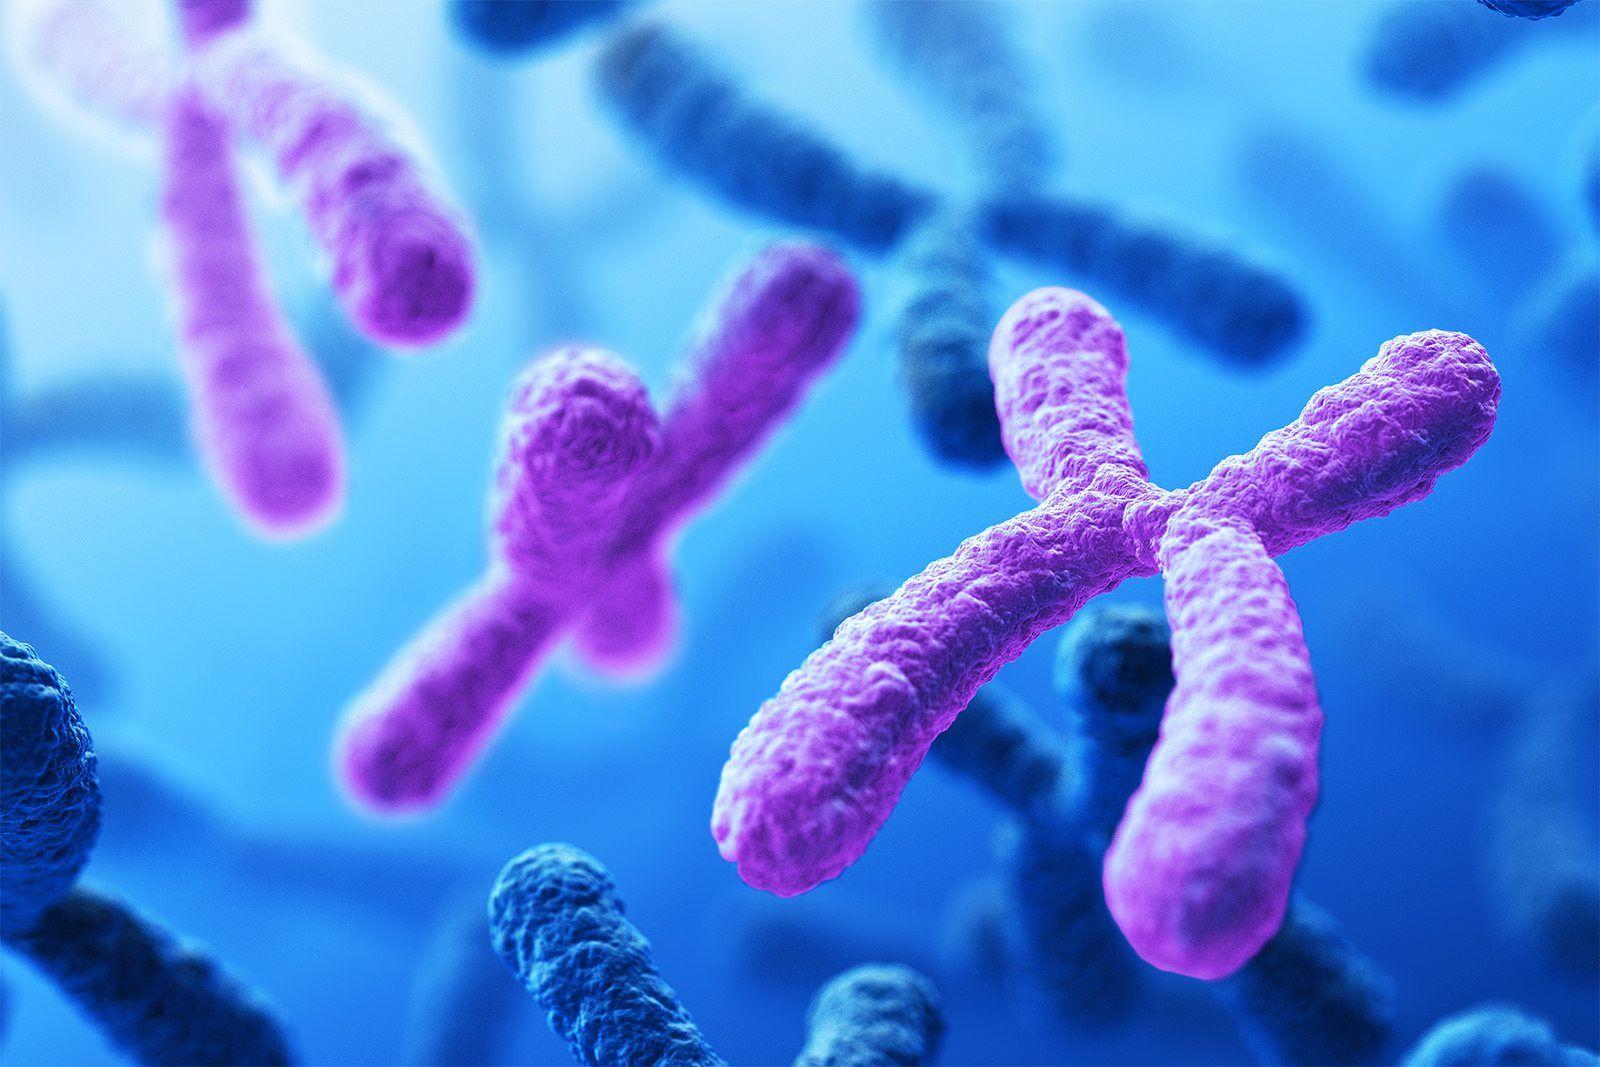 Pruebas Prenatales No Invasivas El Analisis De Los 24 Cromosomas Podria Detectar El Riesgo De Complicaciones En El Embarazo